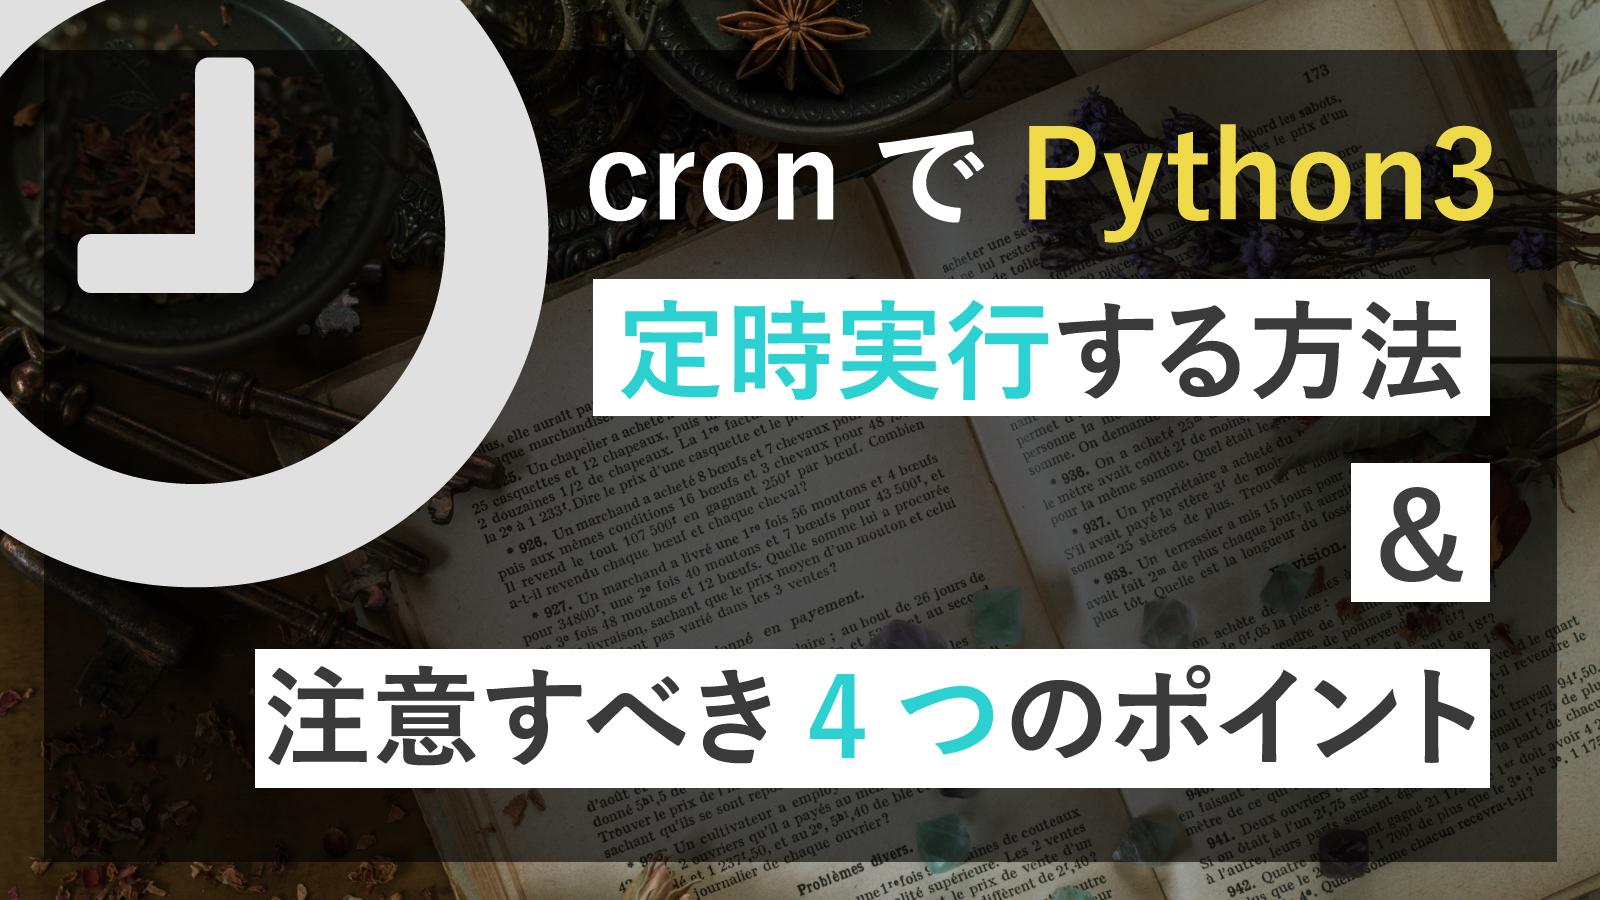 【保存版】cronでPython3を定時実行する方法&注意すべき4つのポイント